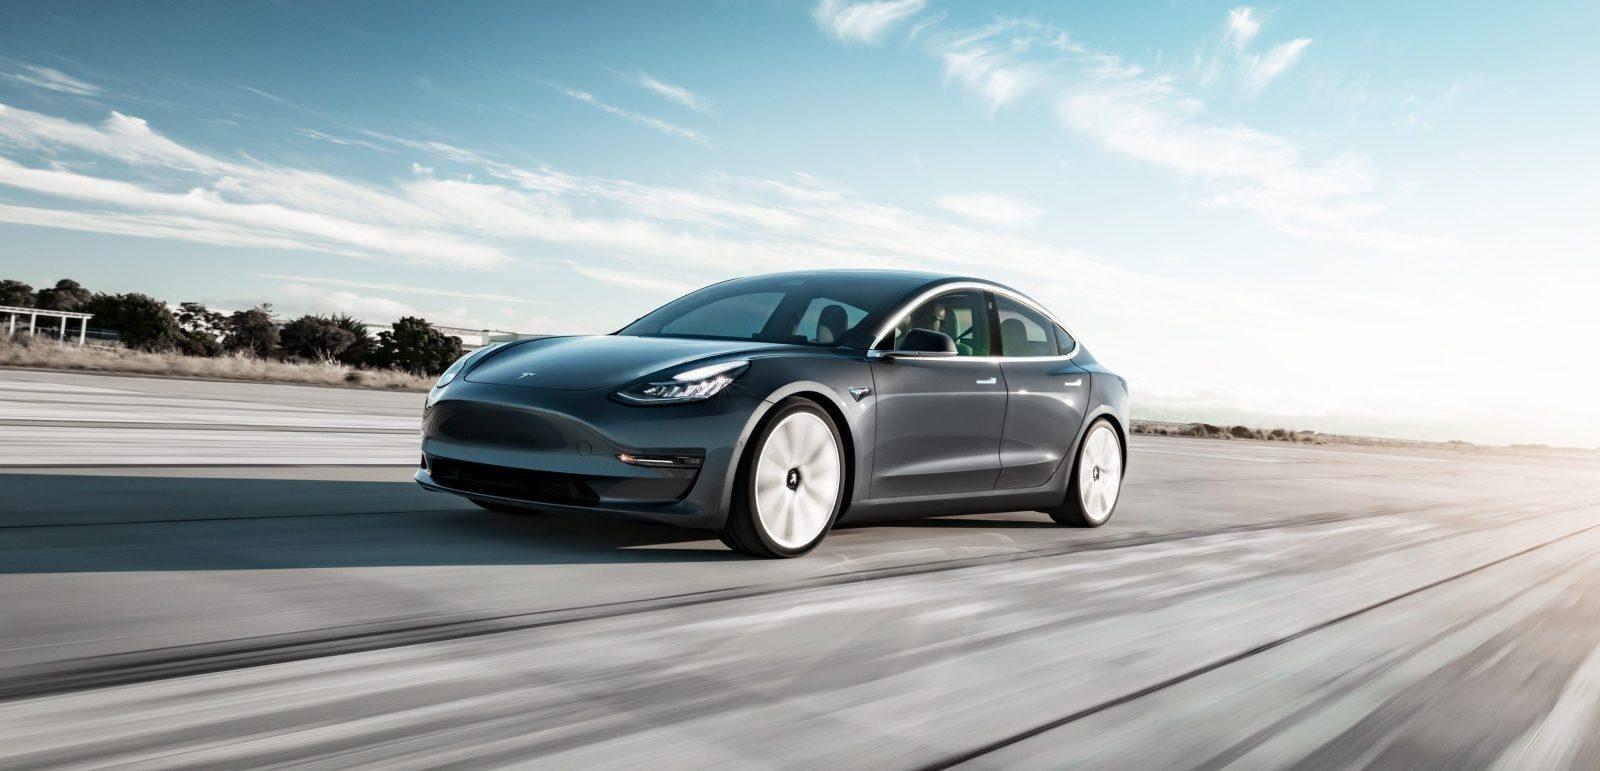 Автомобиль Tesla Model 3 больше не доступен для заказа онлайн